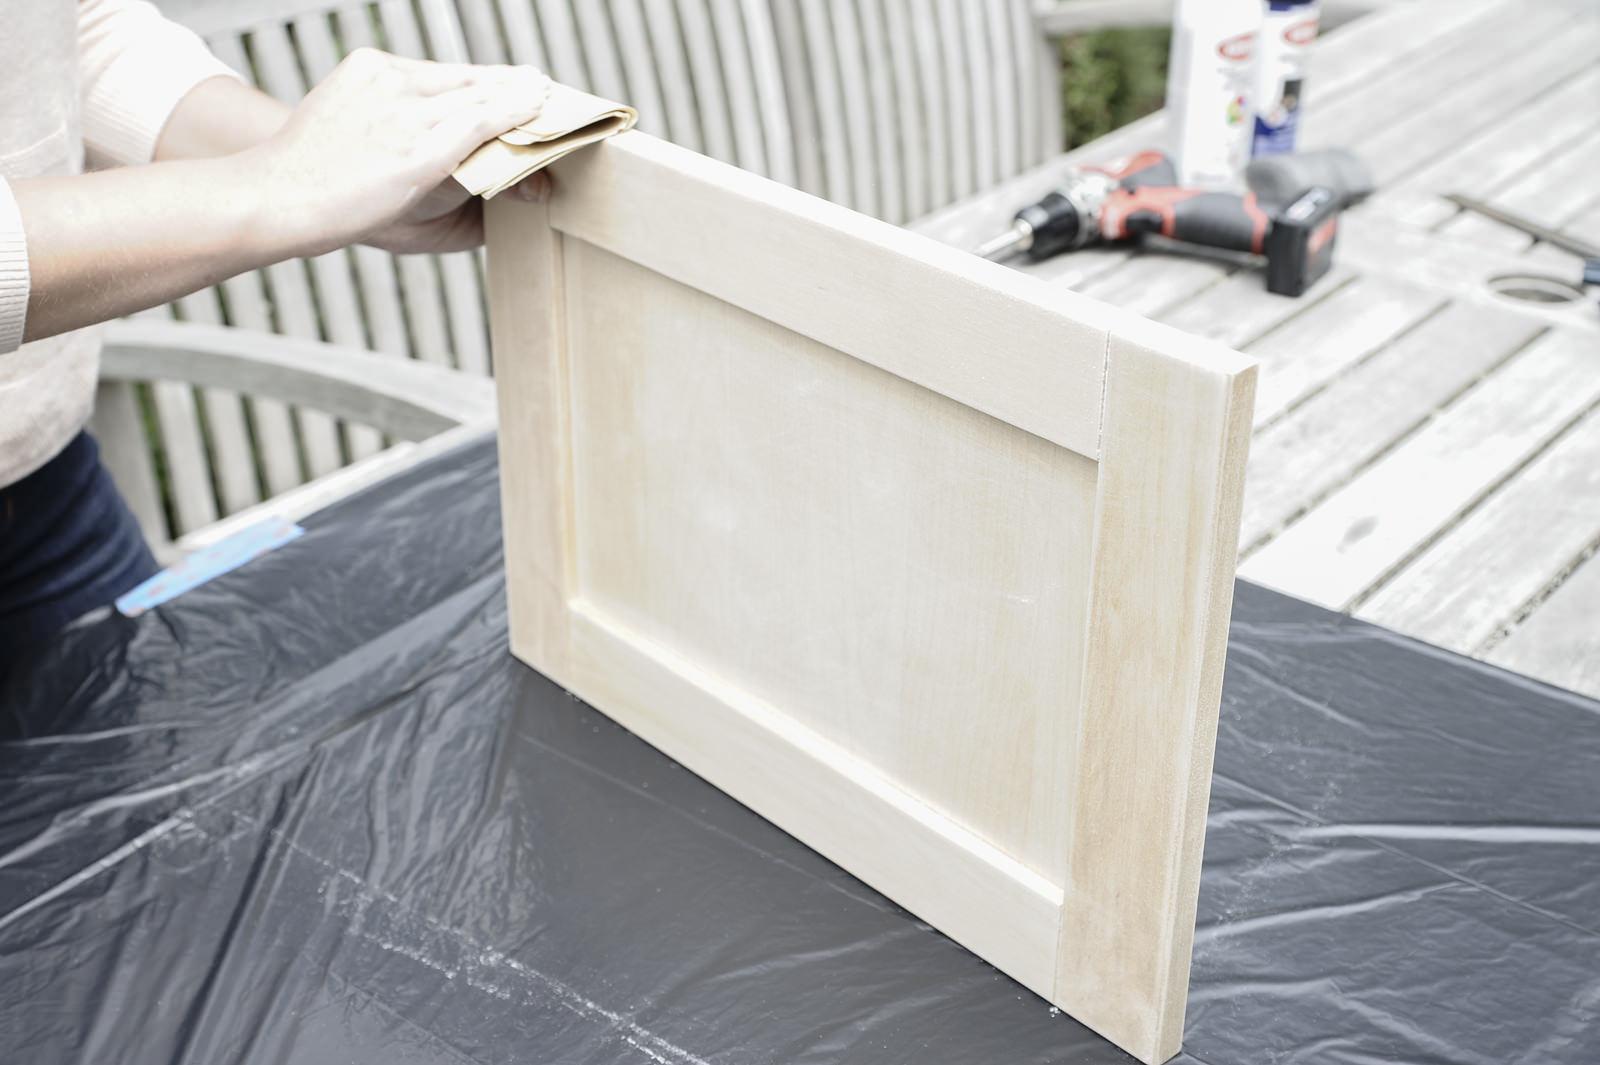 sanding chalkboard tray